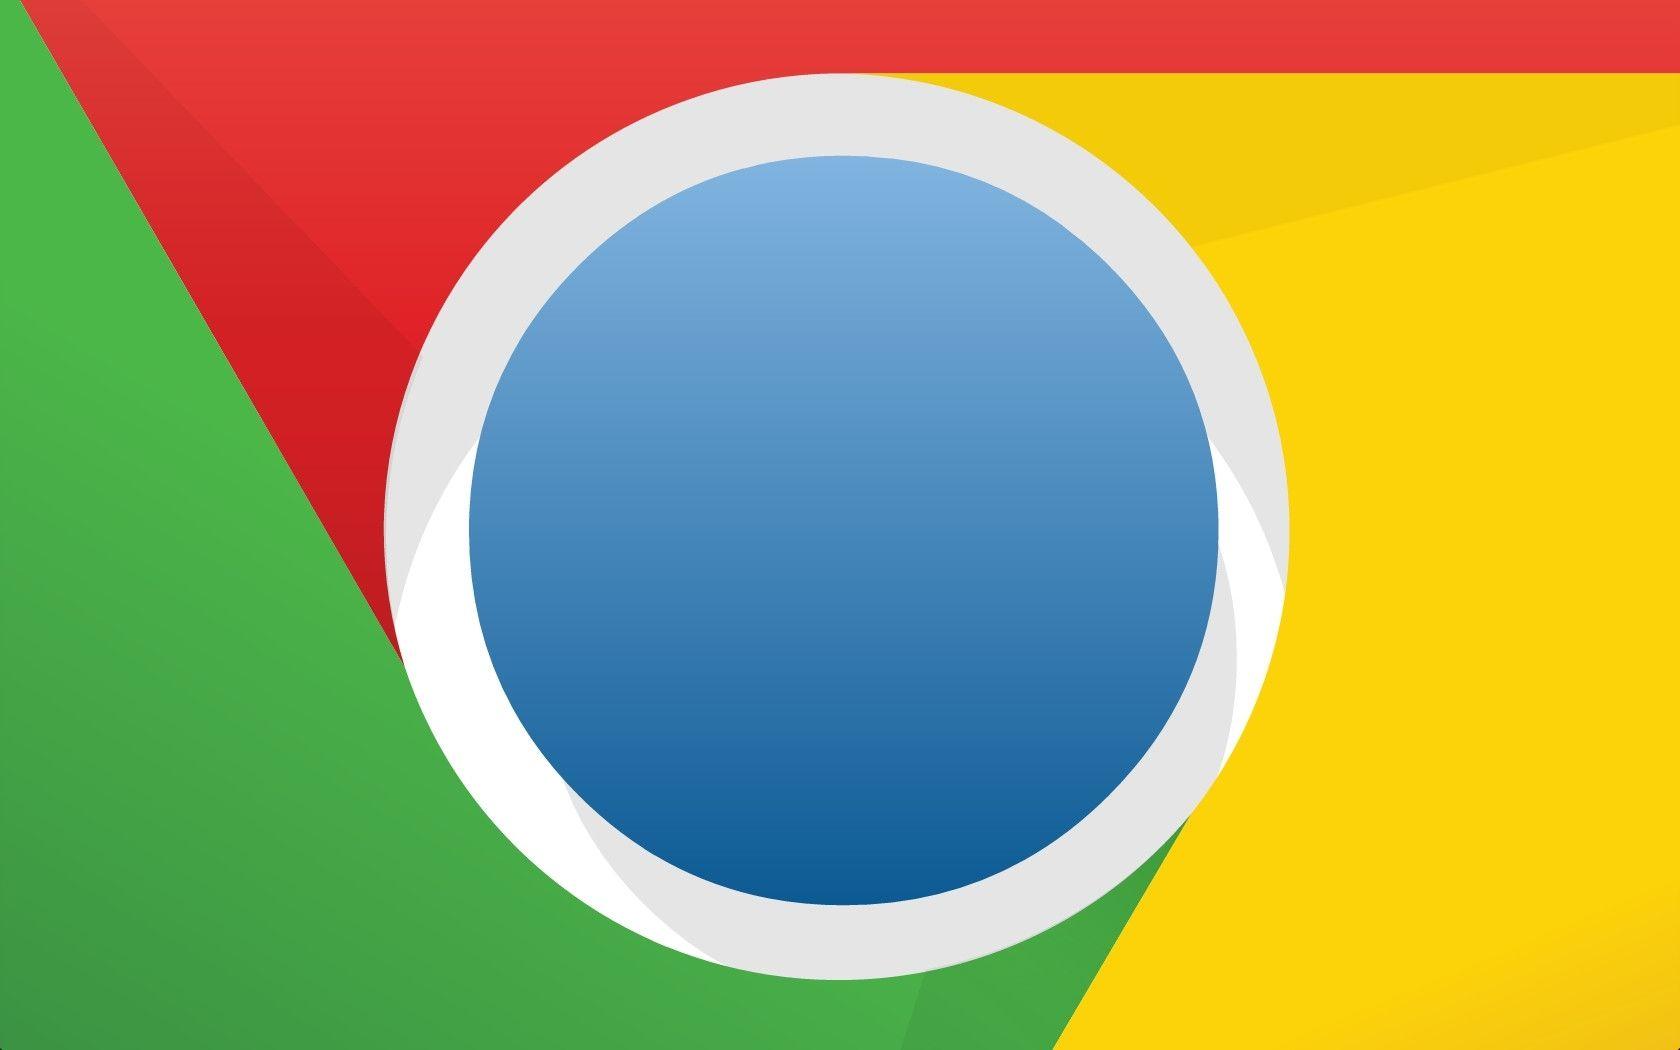 从2020年起,谷歌将允许欧洲的安卓用户选择他们的默认搜索引擎